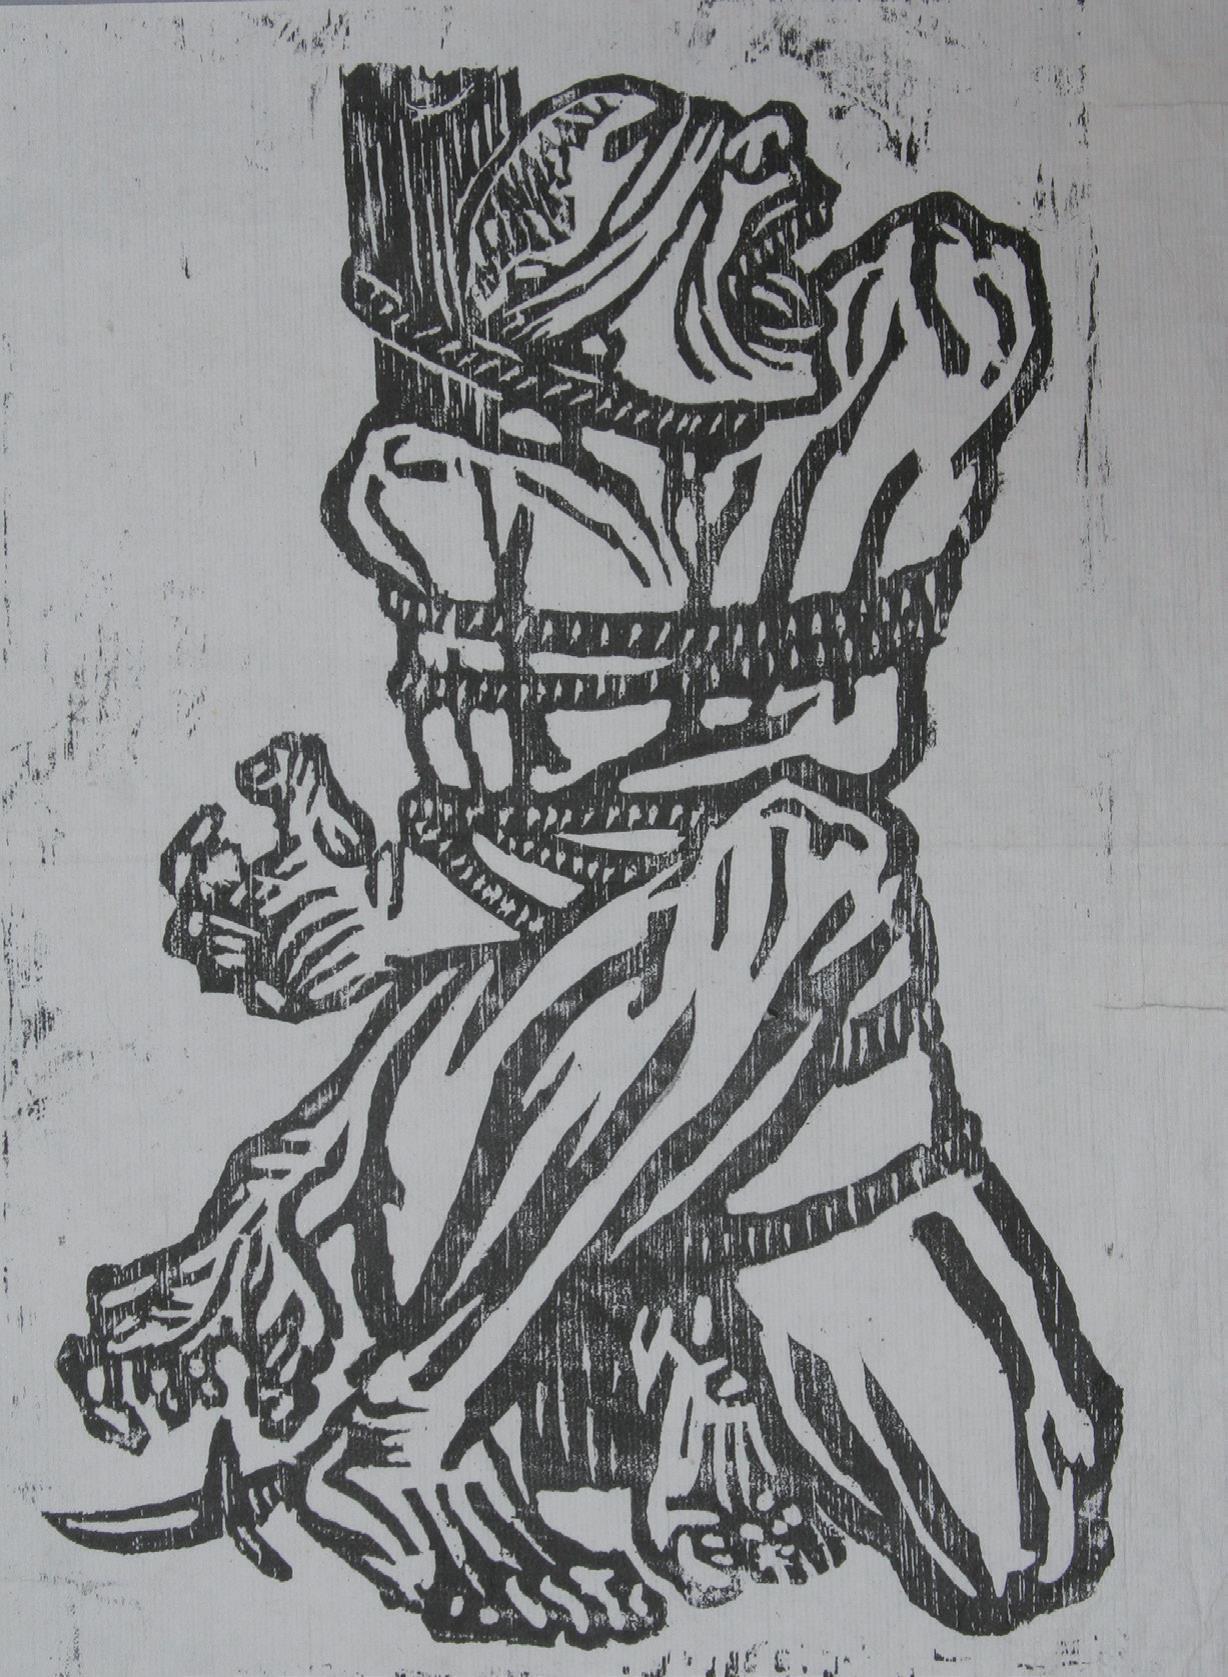 李桦《怒吼吧,中国!》版画 20x15cm 1935年 华茂美术馆藏